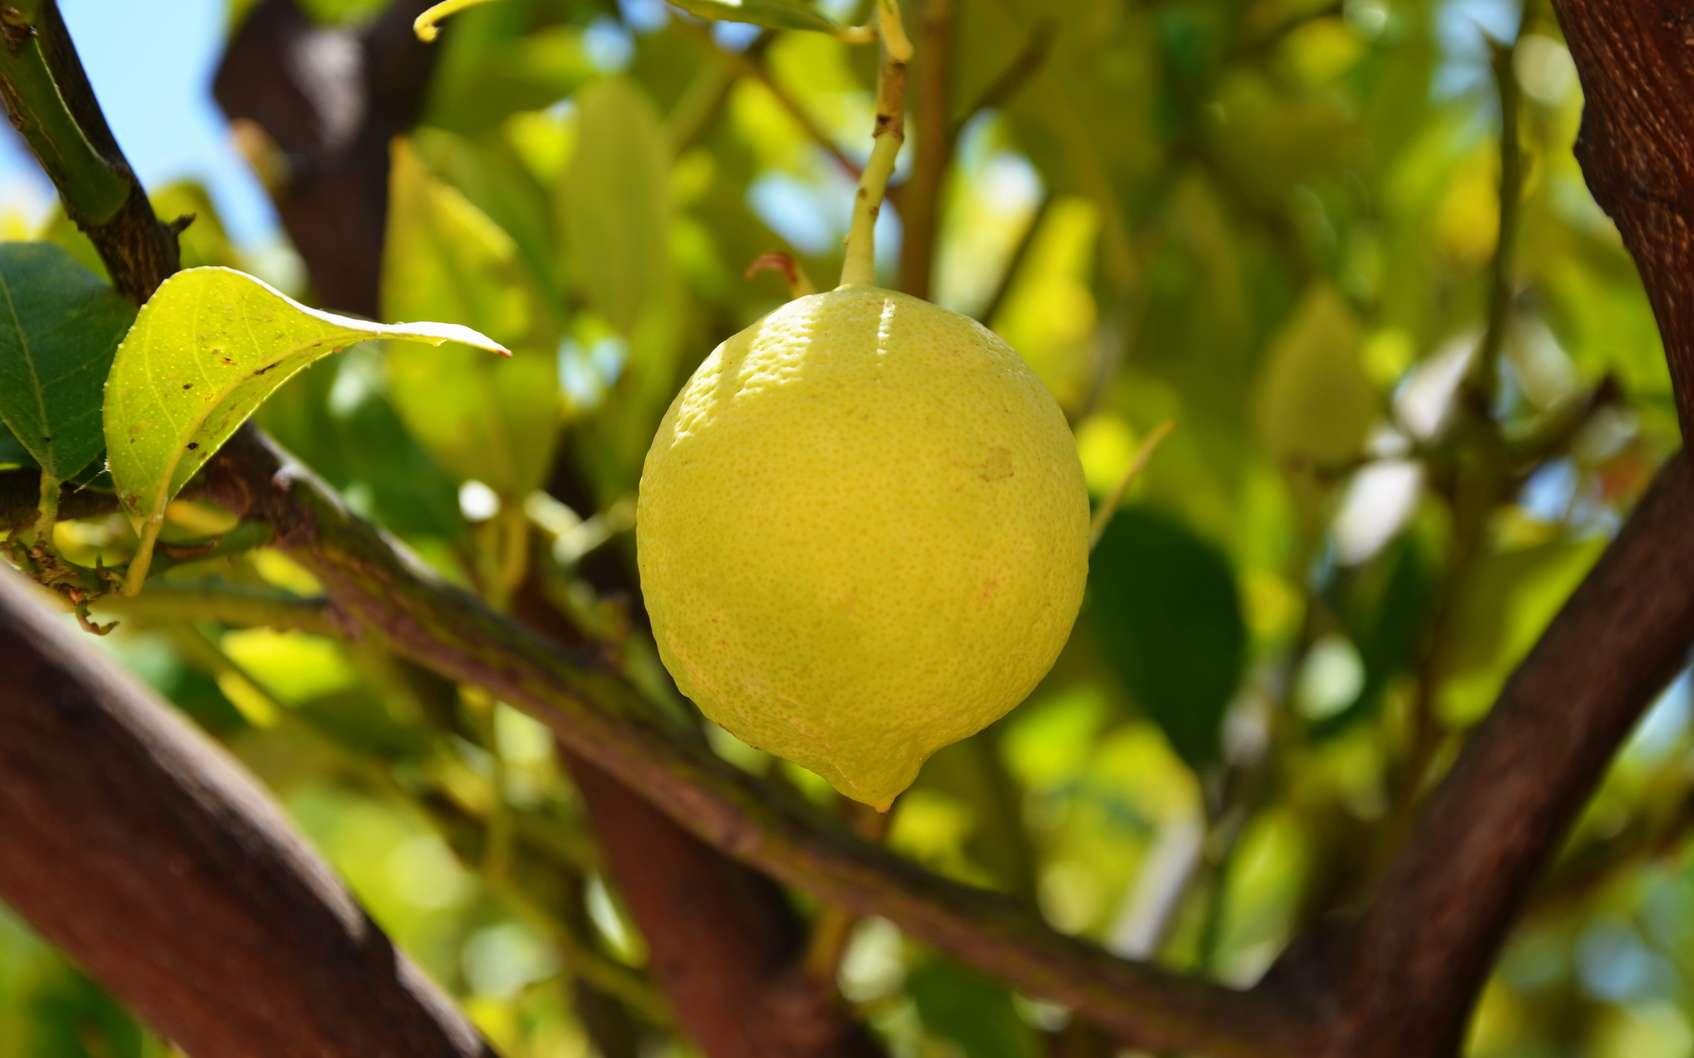 Exposition de la fête du citron à Menton. © inken94, fotolia